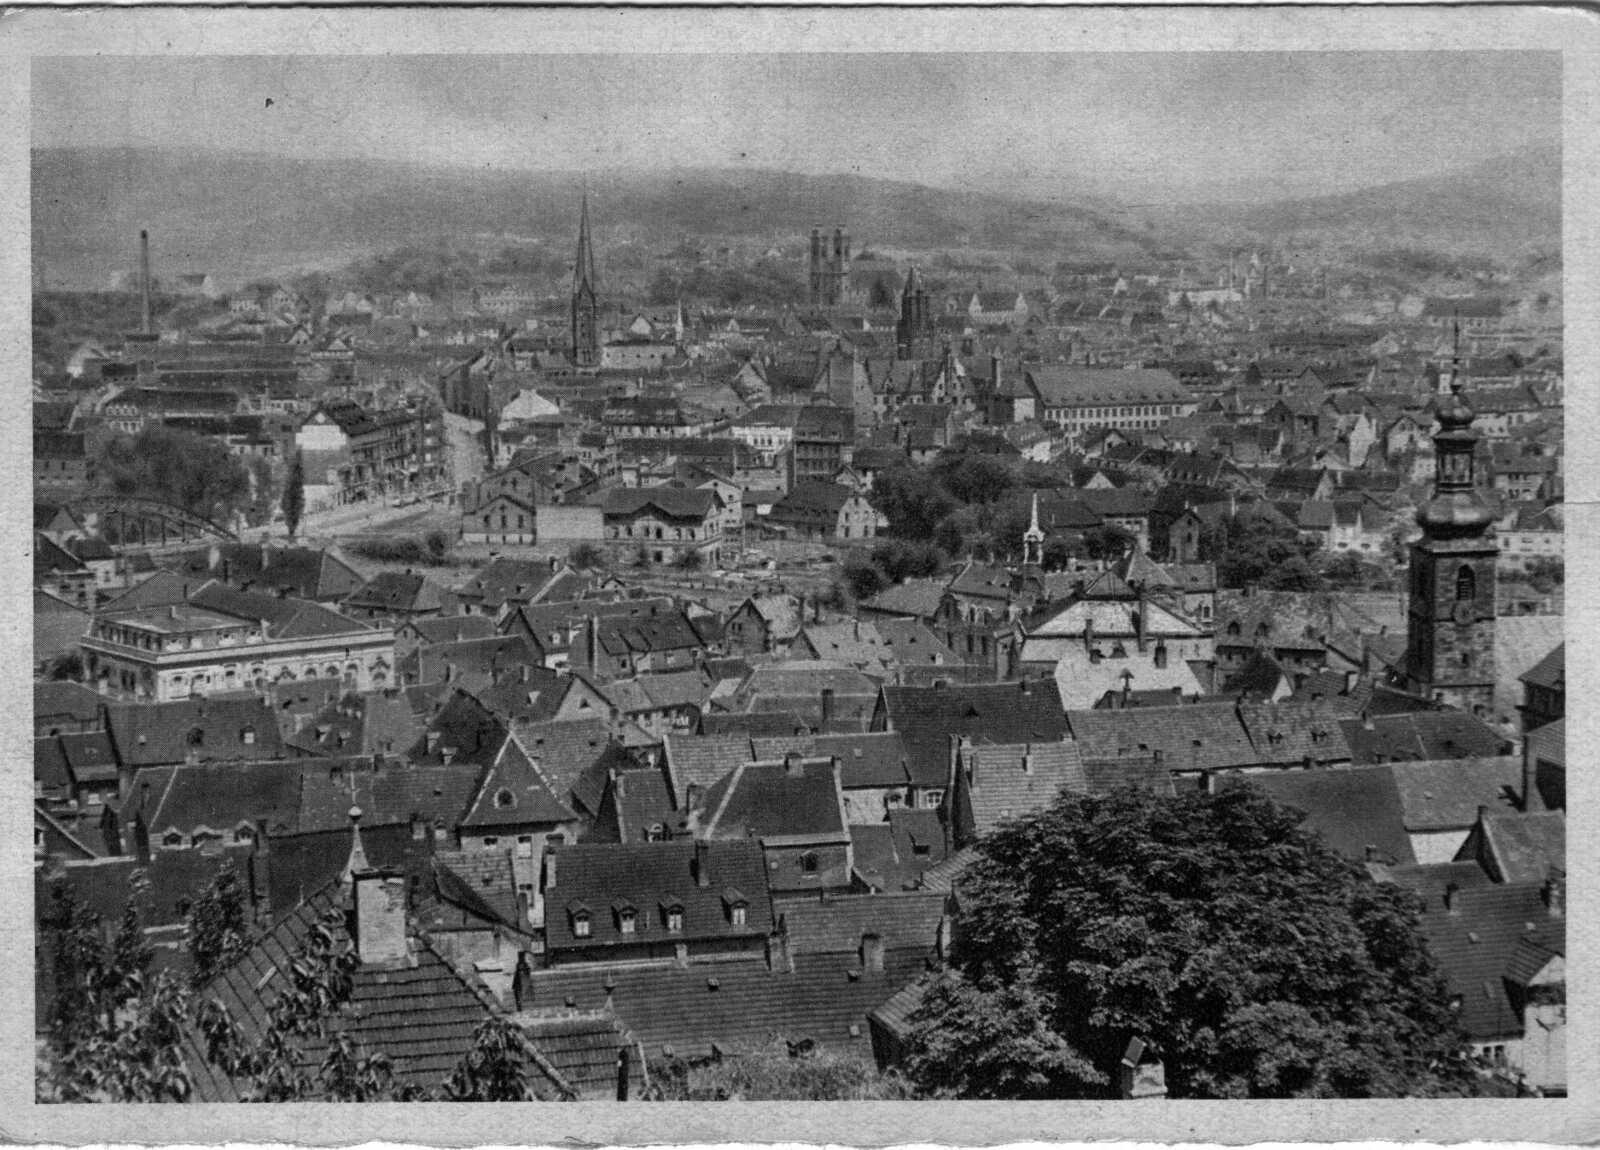 Bilder aus der Vergangenheit: Saarbrücken